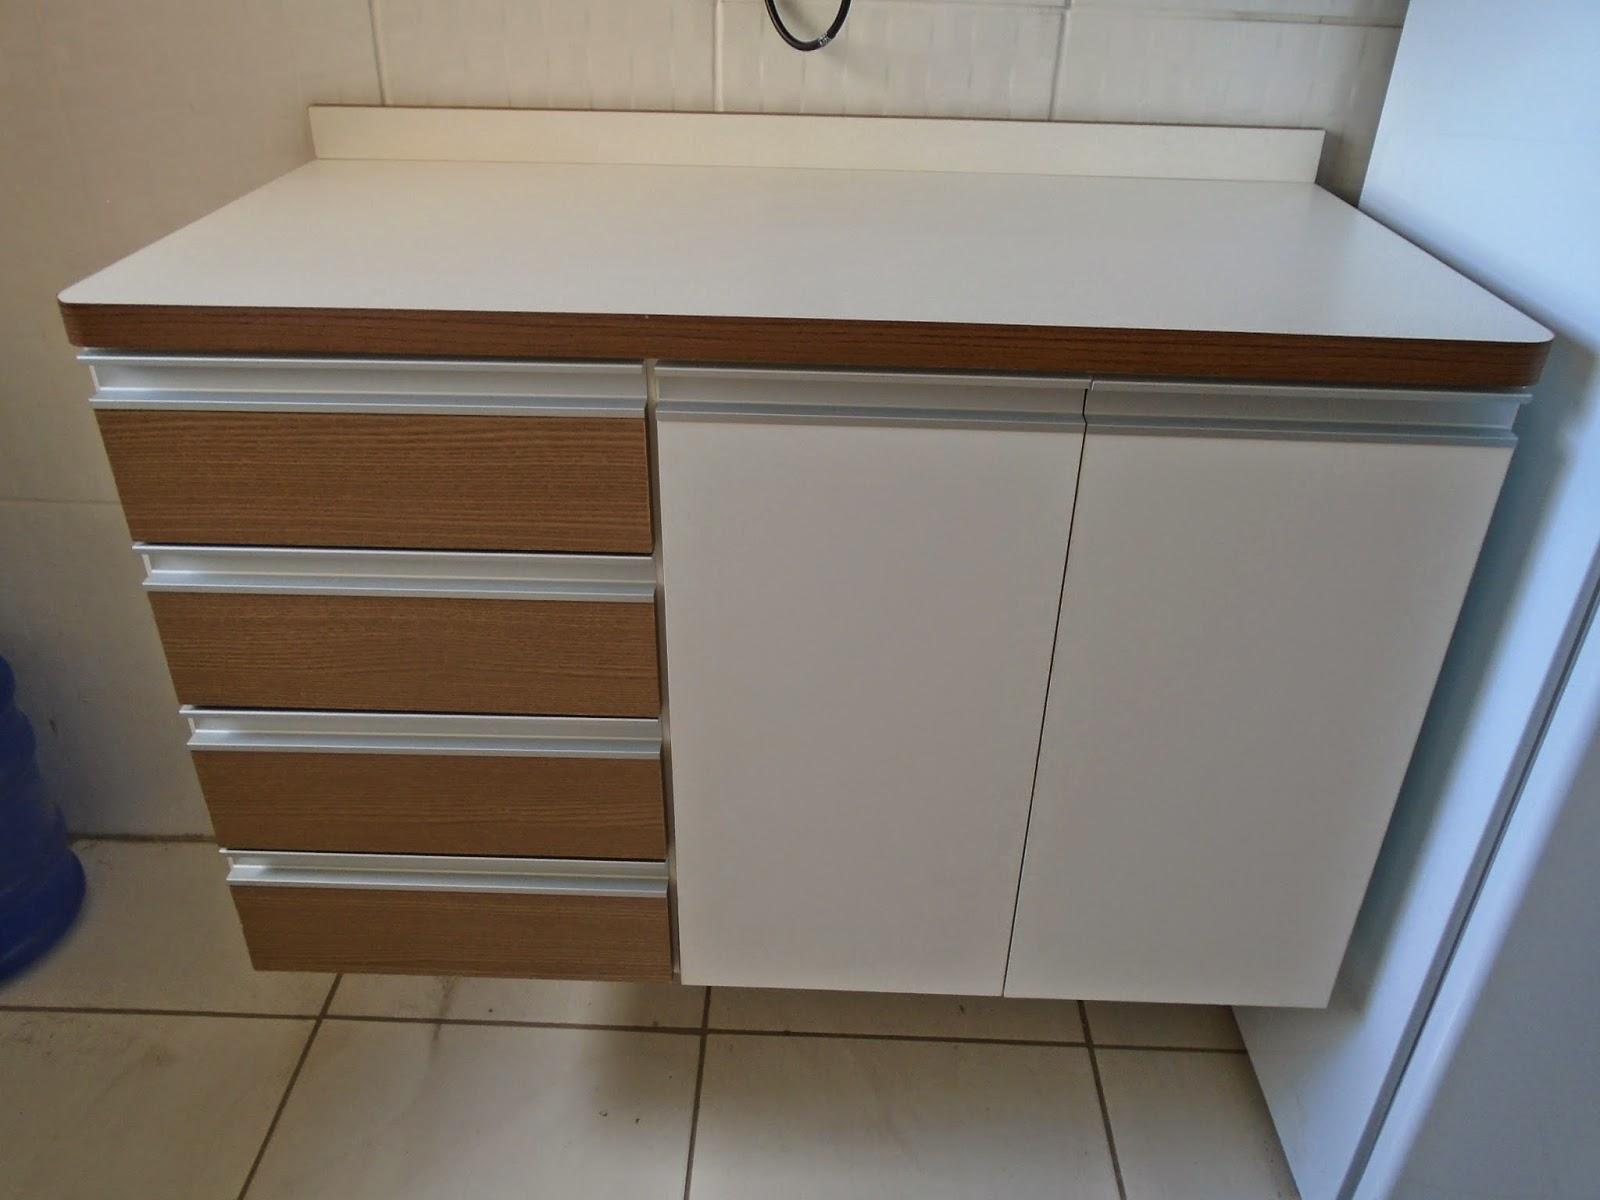 Cozinha Planejada Dona Dionísia & Dércio Branco com Carvalh  #3A6291 1600 1200